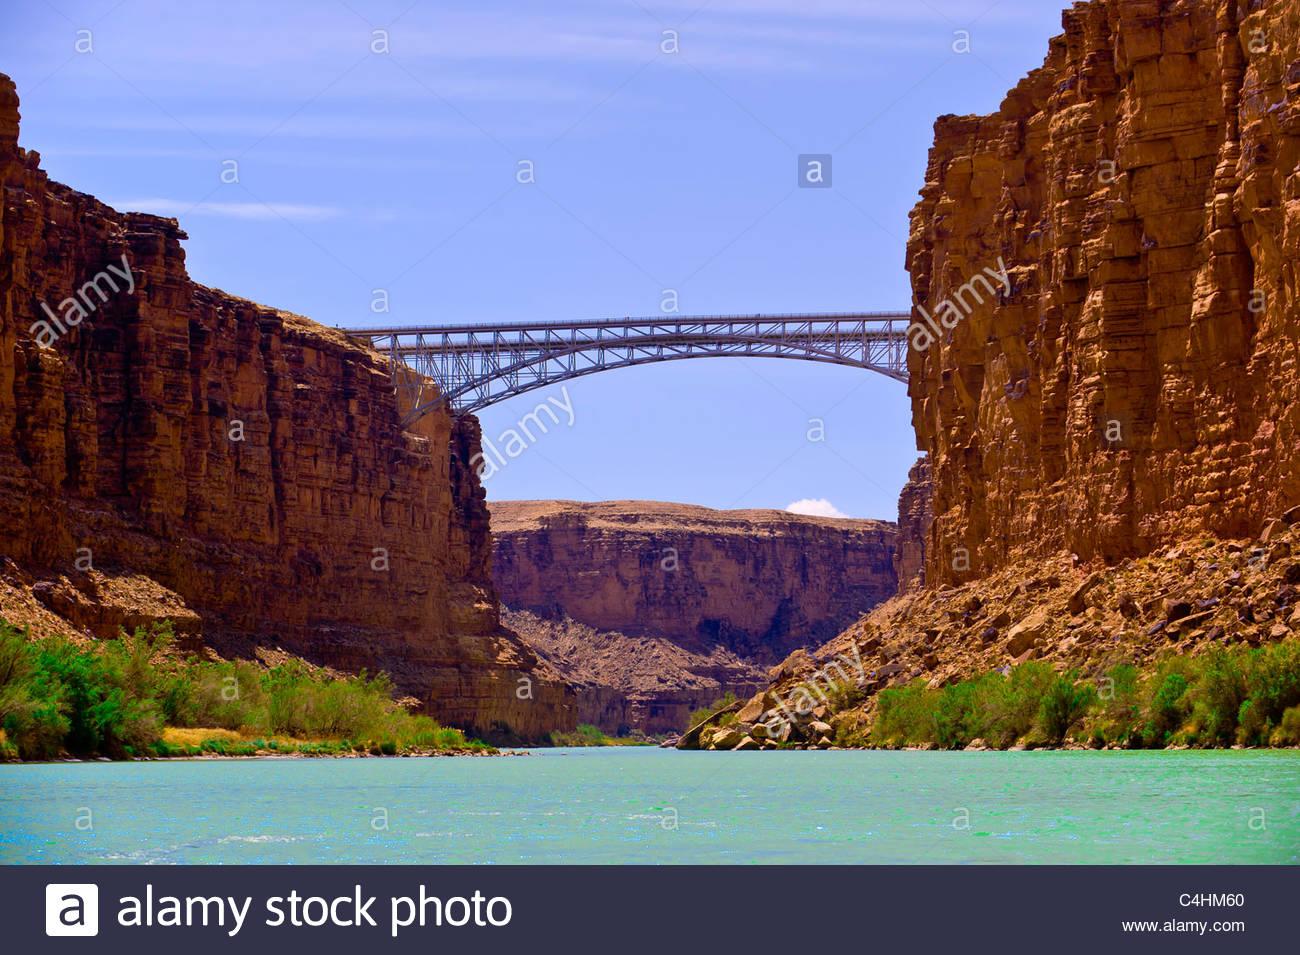 Navajo Bridge in Marble Canyon, Glen Canyon National Recreation Area, Colorado River, Arizona USA - Stock Image